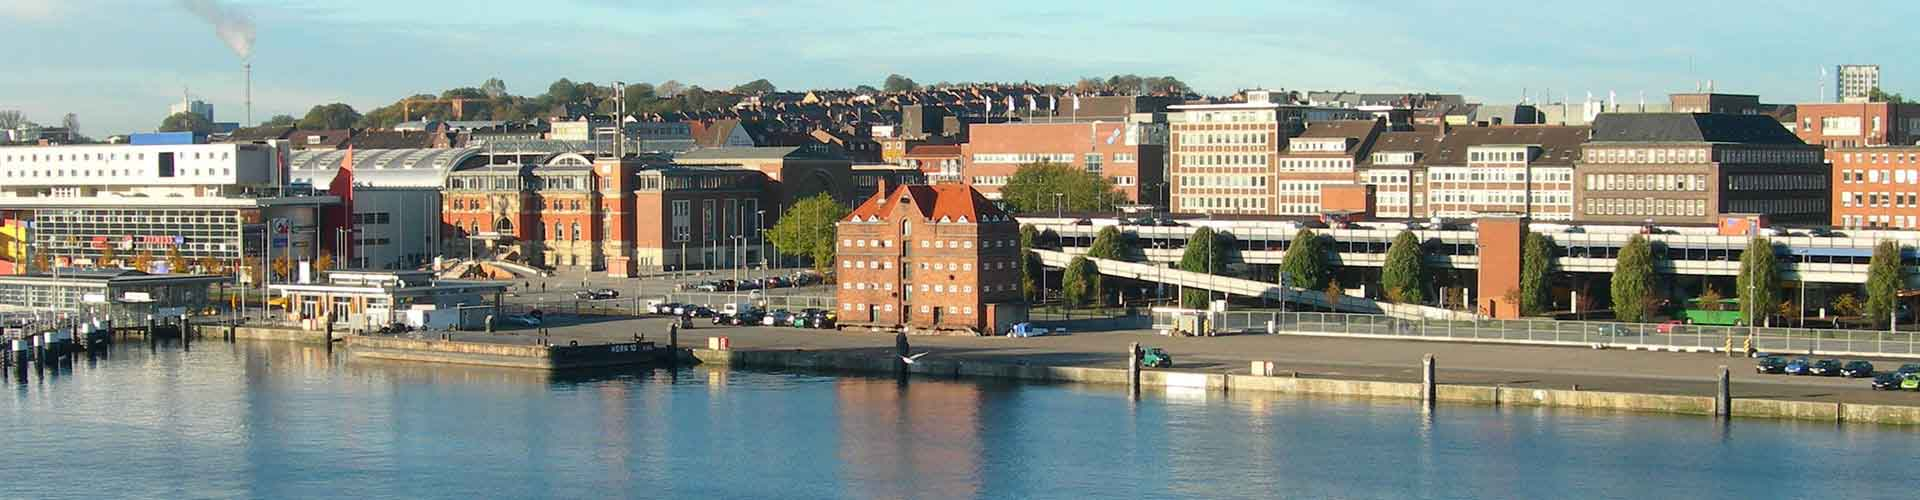 Kiel - Habitaciones en Kiel. Mapas de Kiel, Fotos y comentarios de cada Habitación en Kiel.